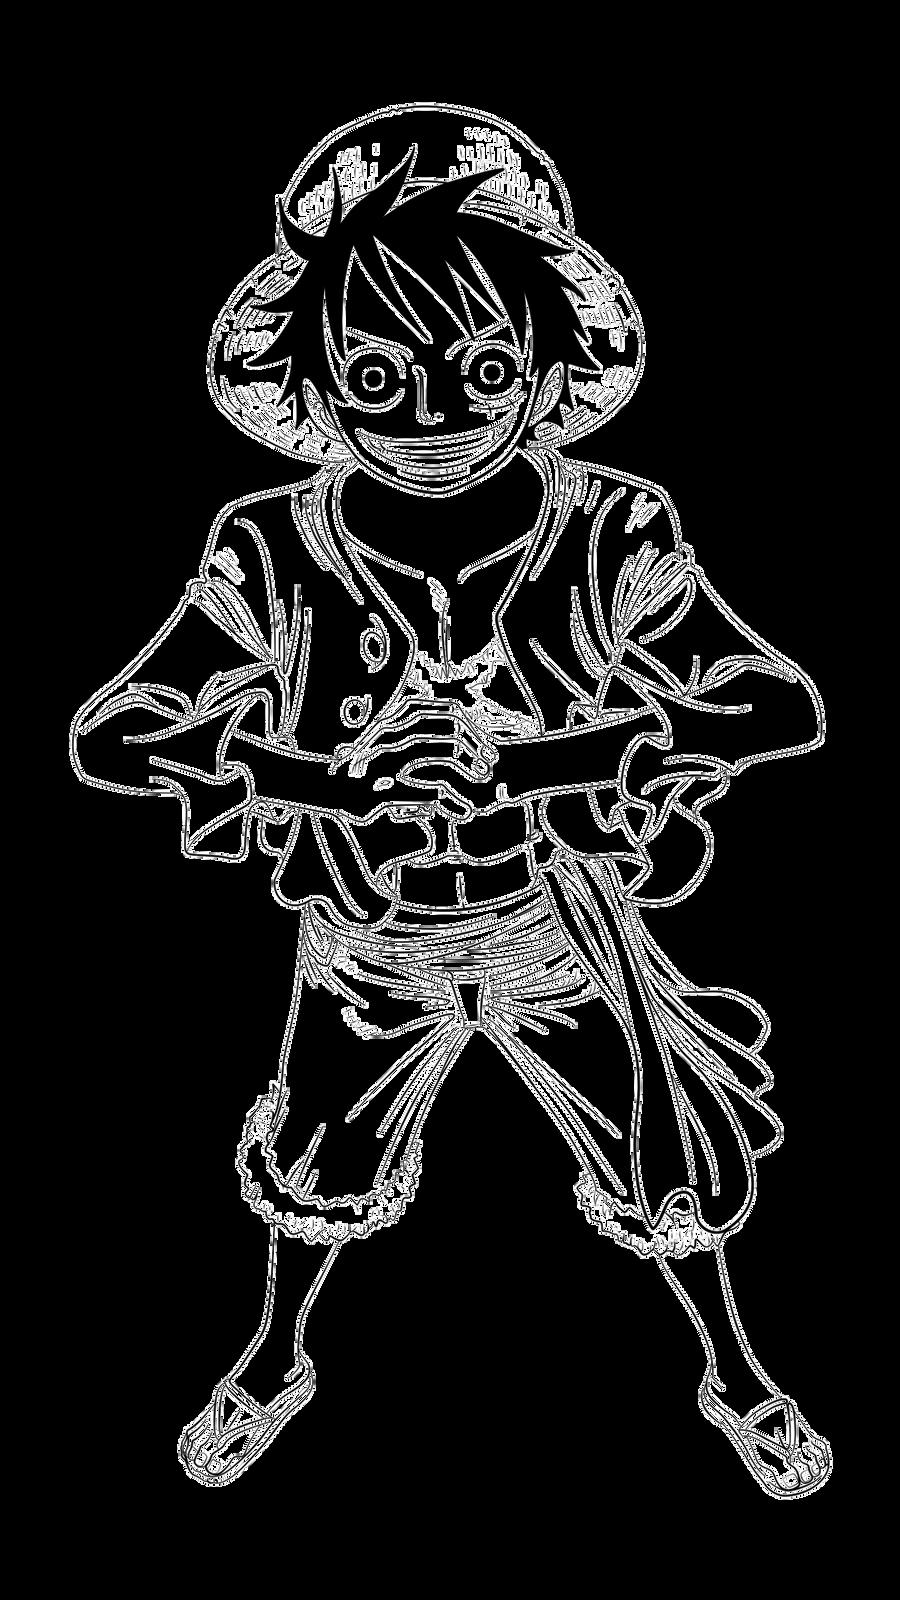 One Piece Lineart : One piece lineart by xxriddickxx on deviantart